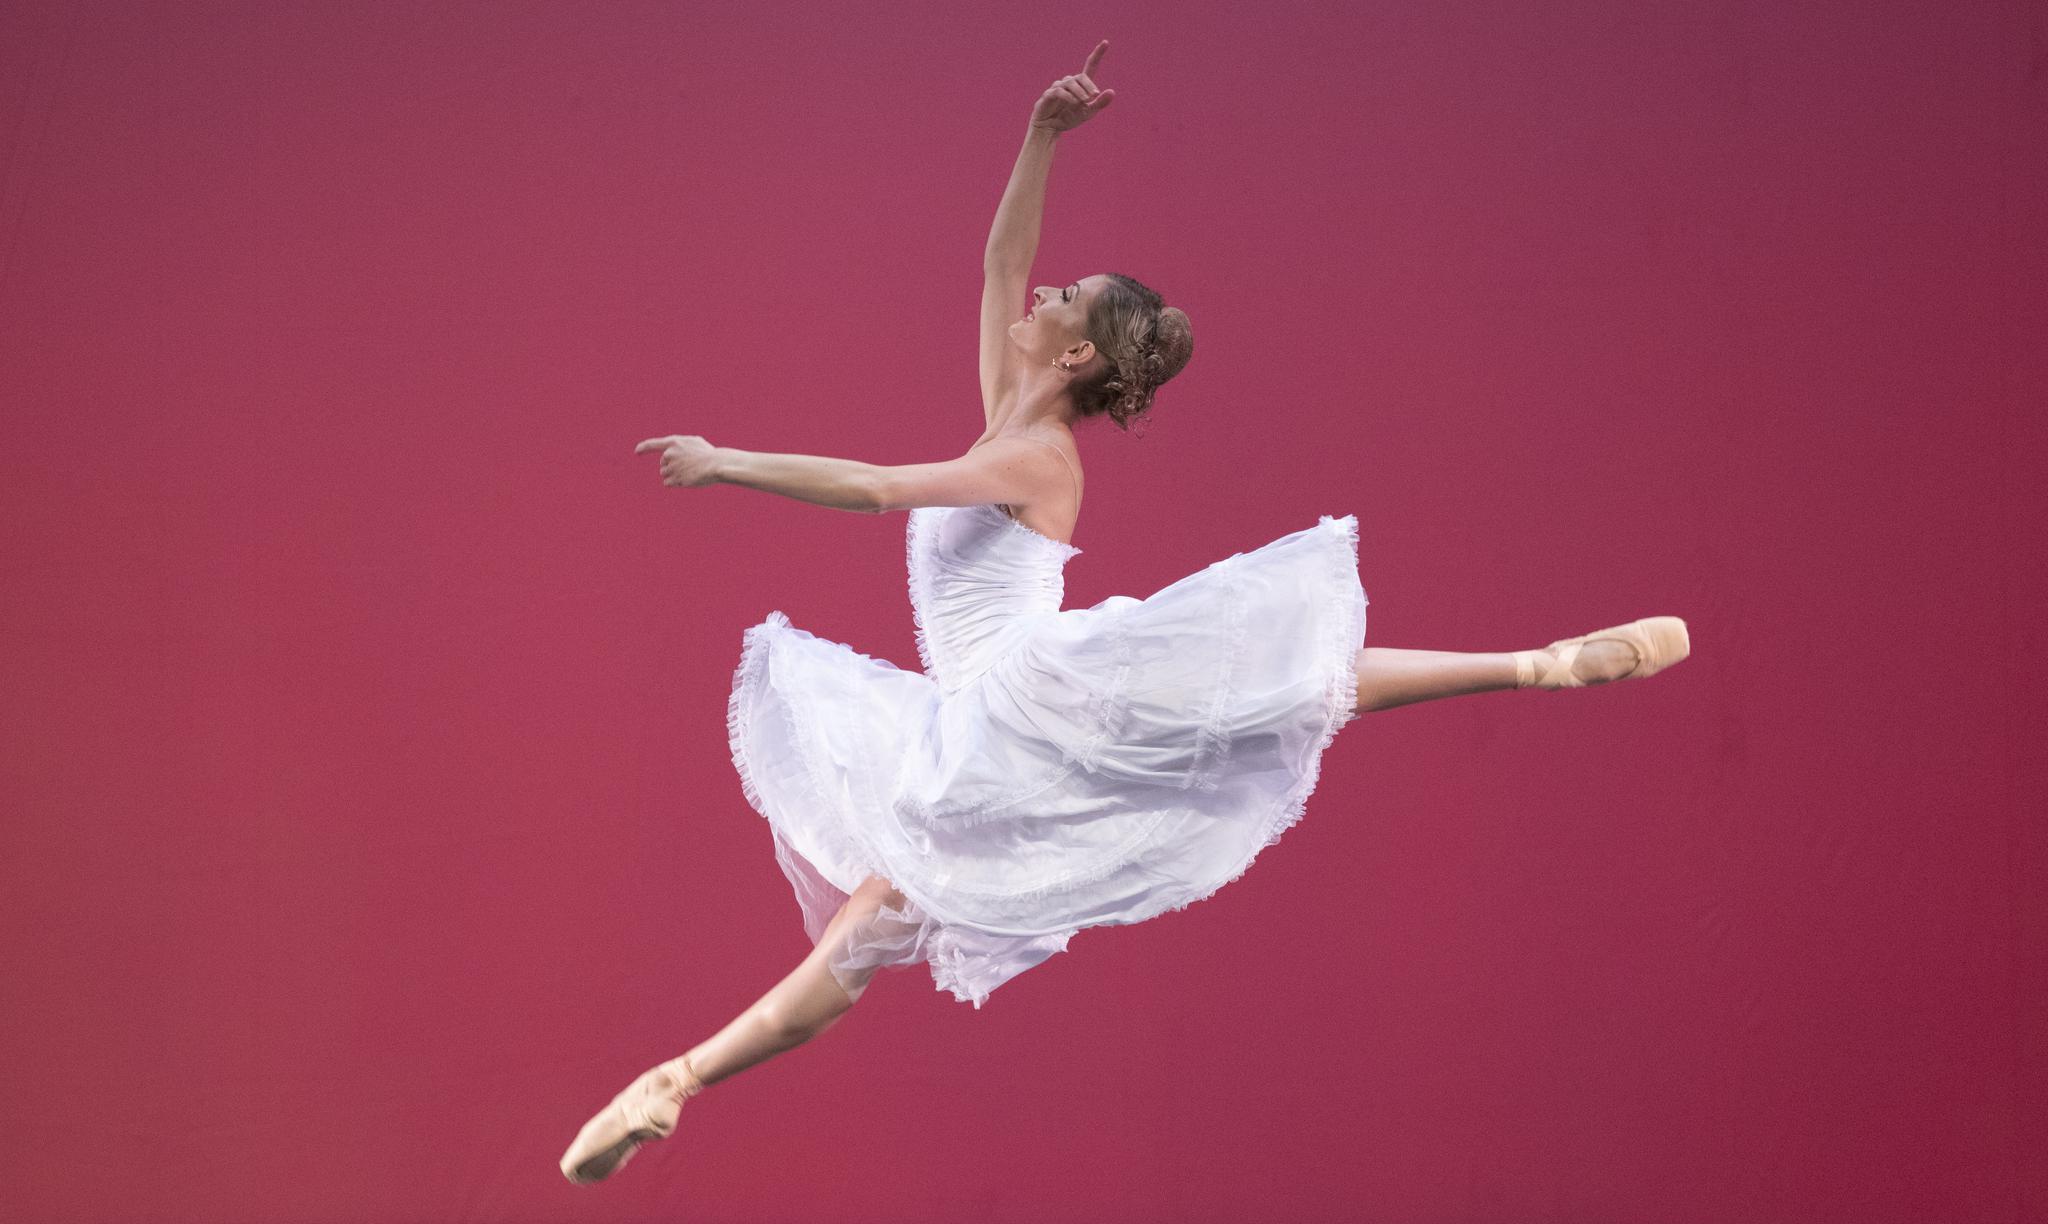 芭蕾舞重回约翰内斯堡